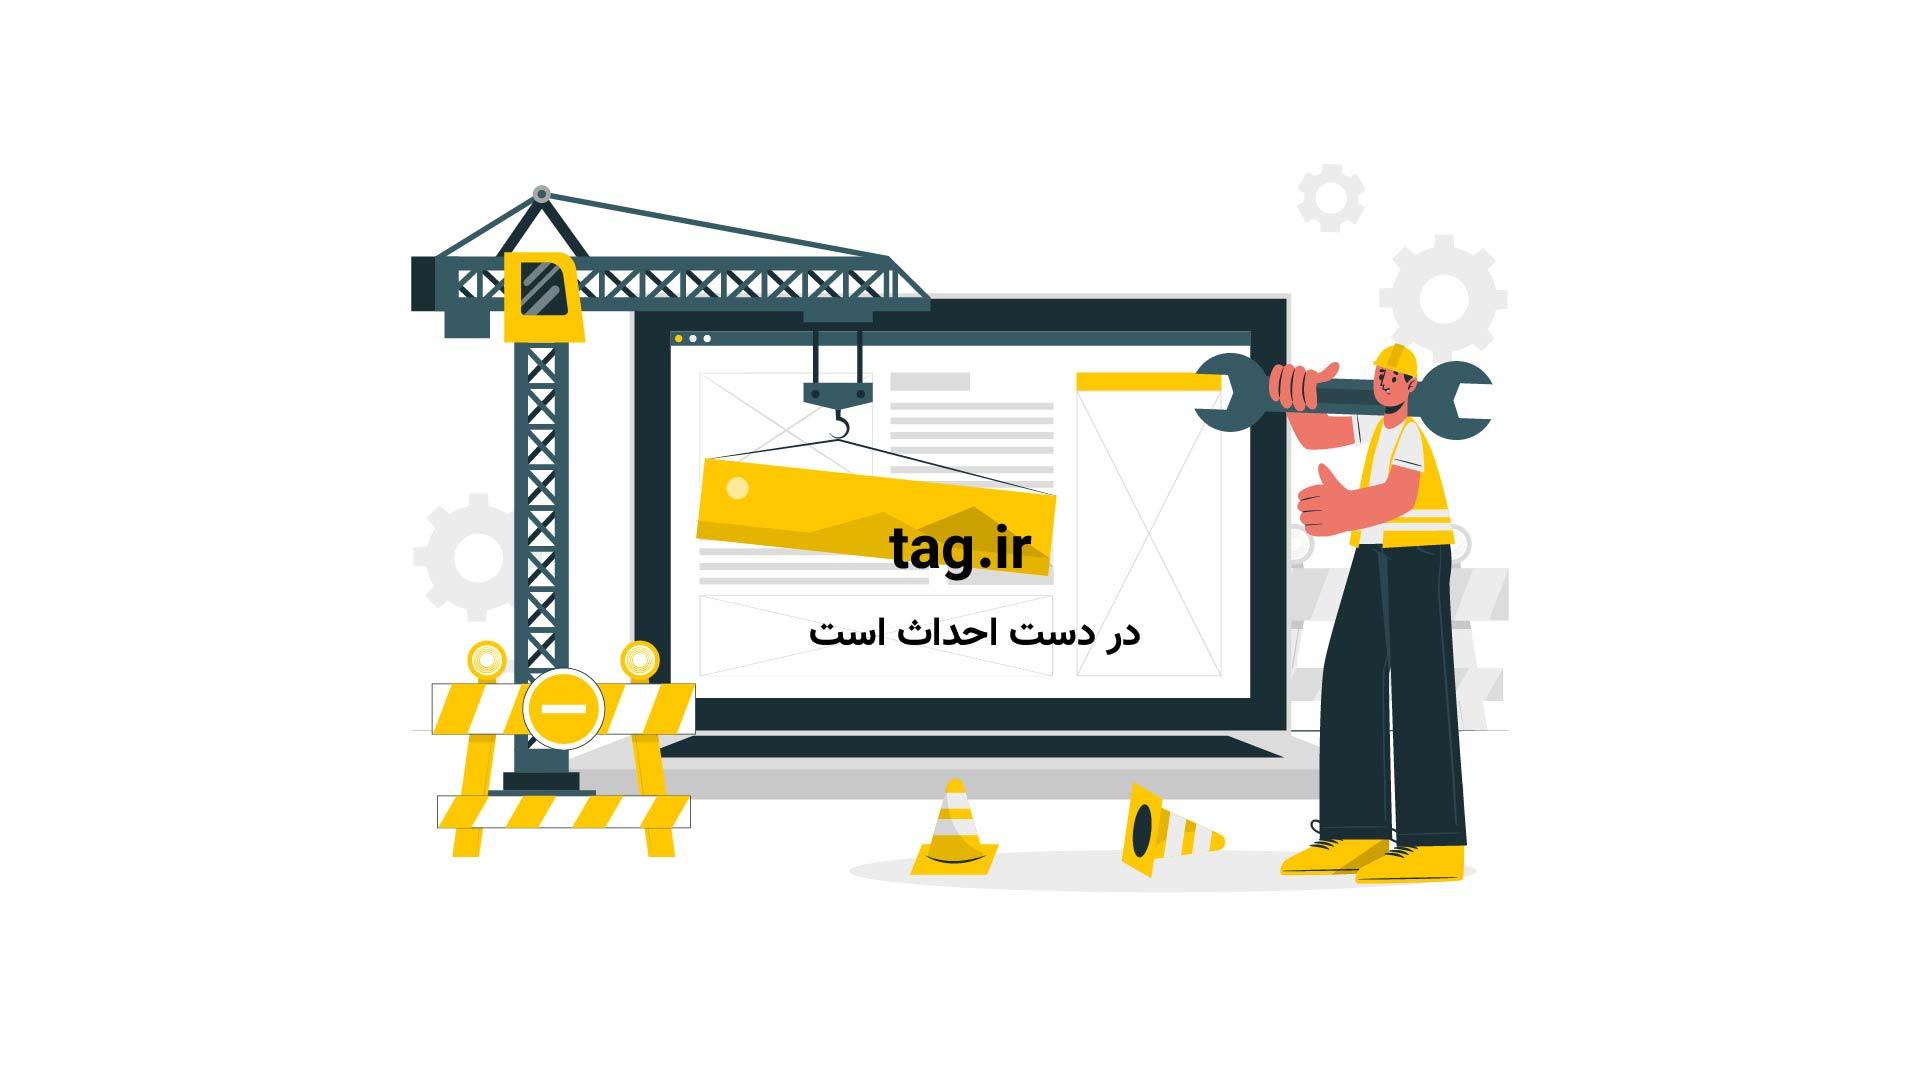 انیمیشن گربه سایمون؛ این قسمت استتار | فیلم